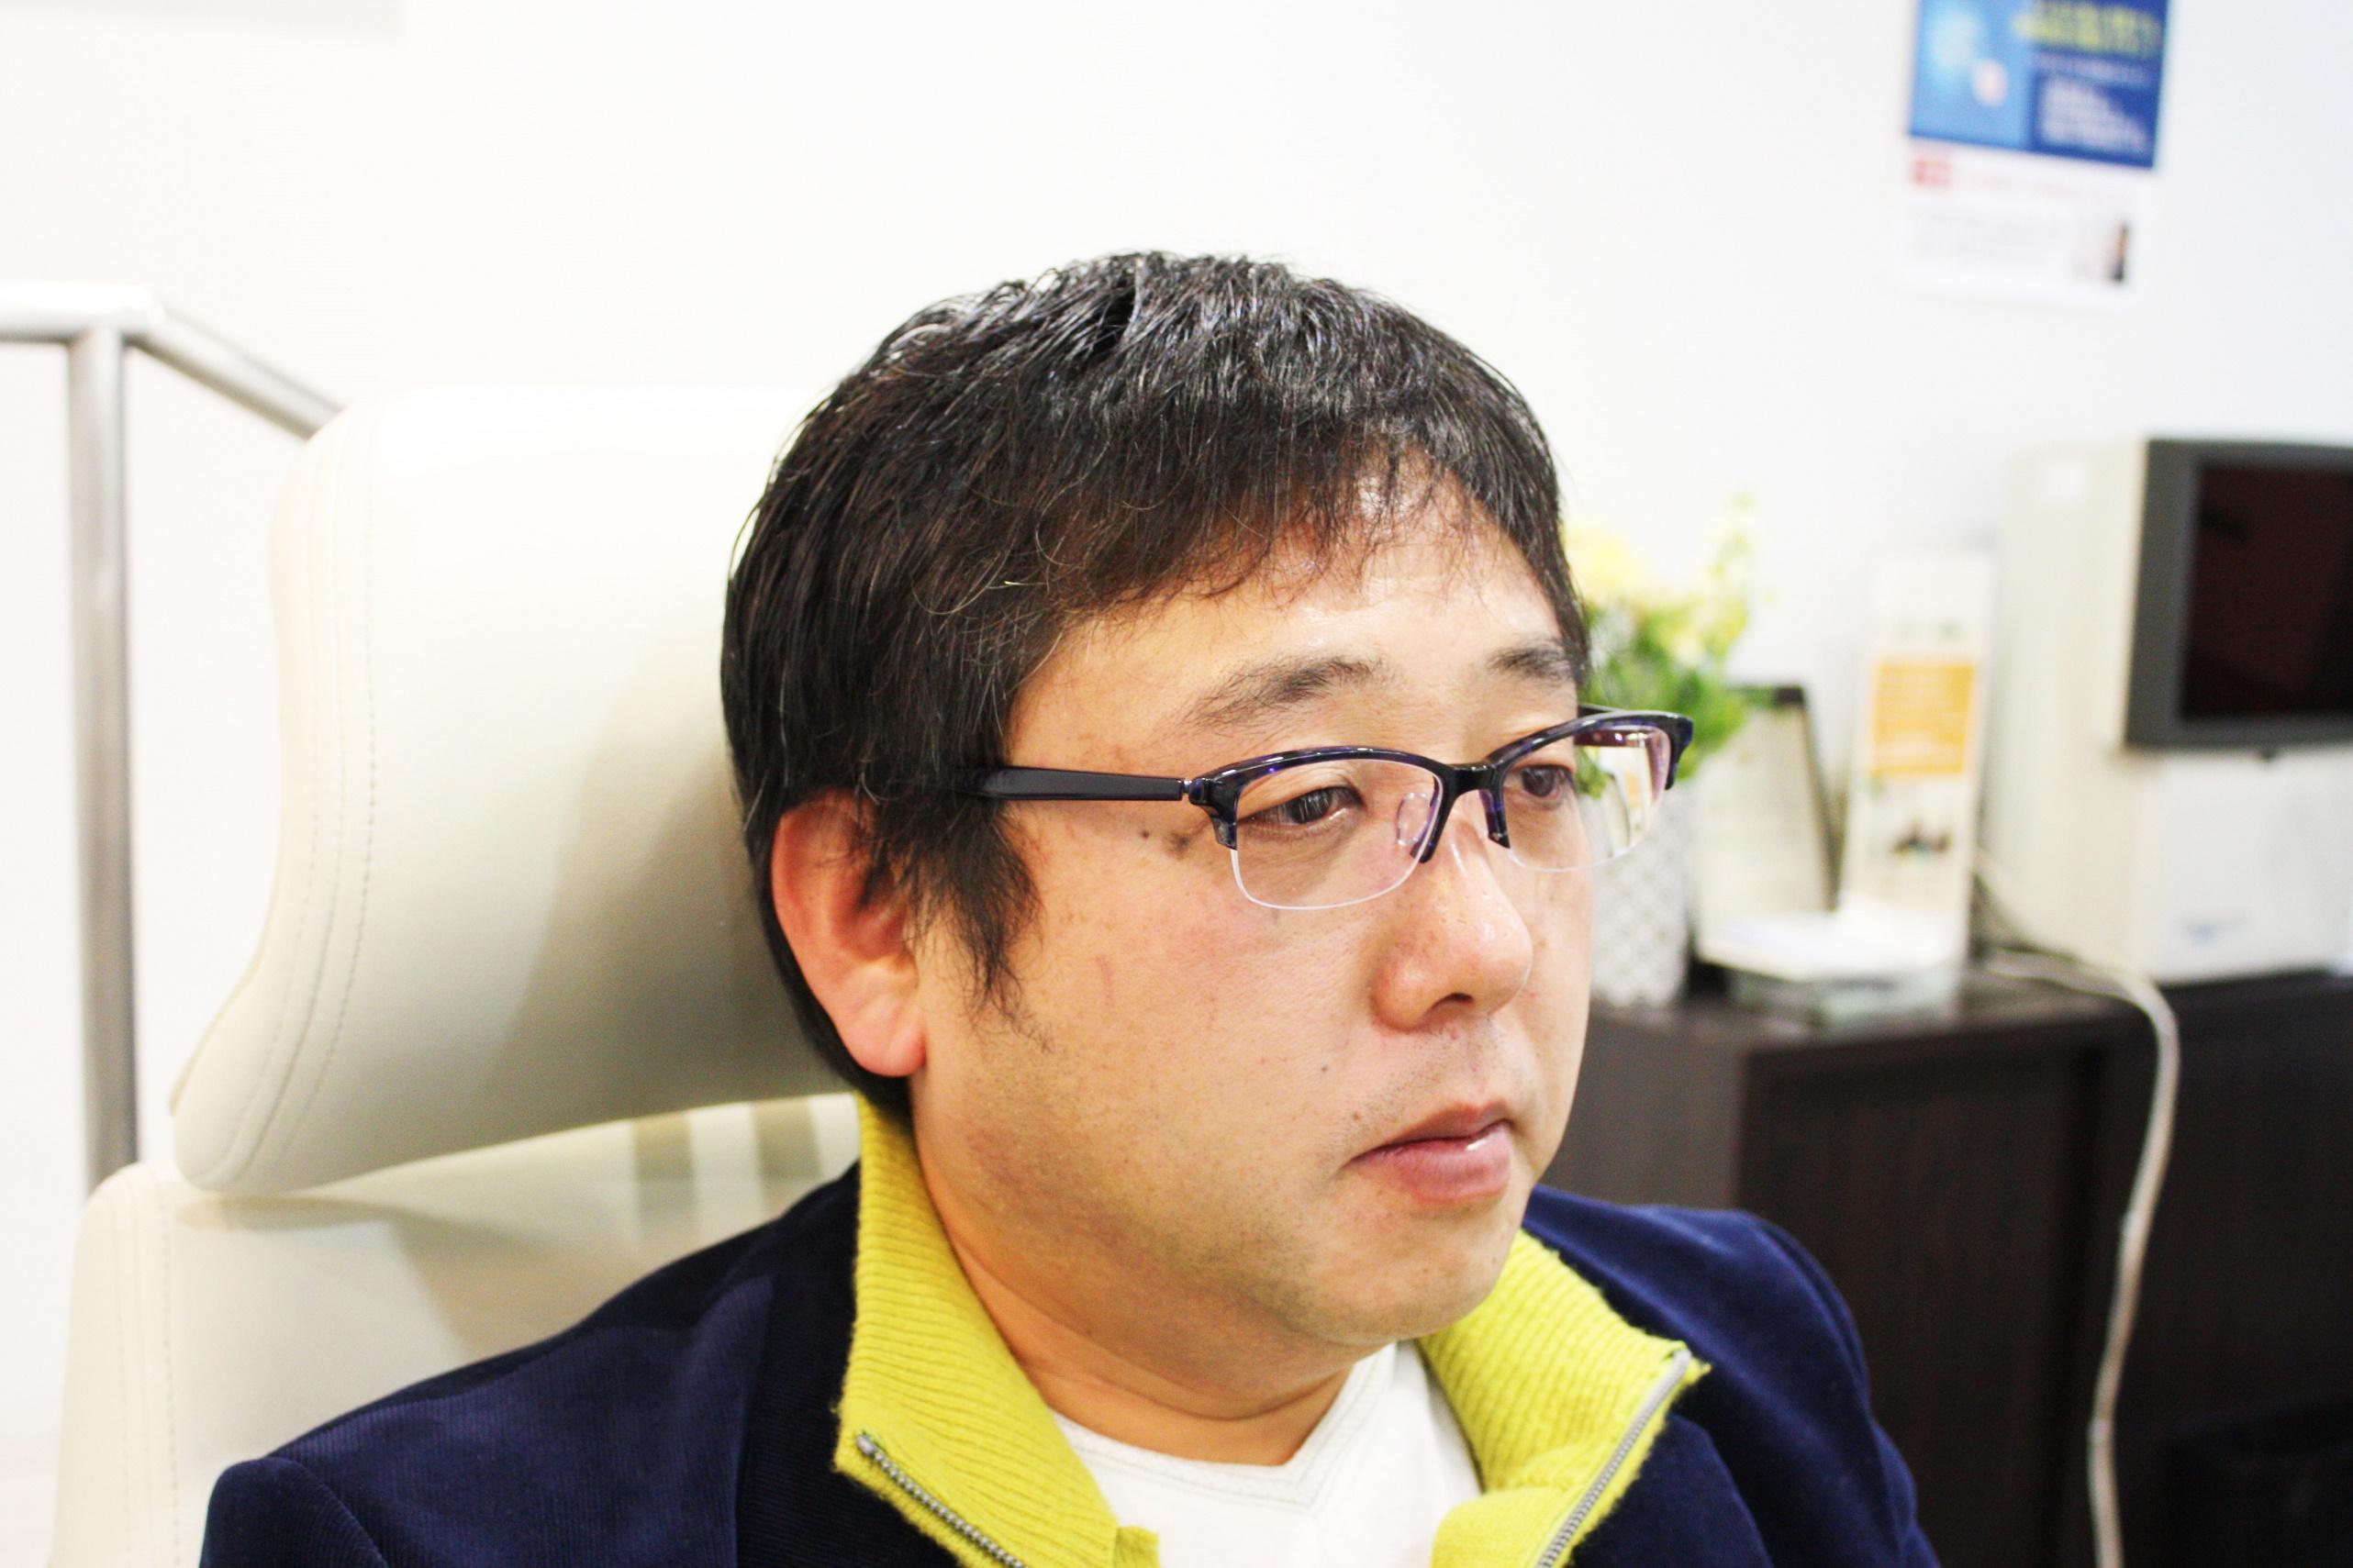 メガネ 999.9取り扱い店 フォーナインズ 江戸川